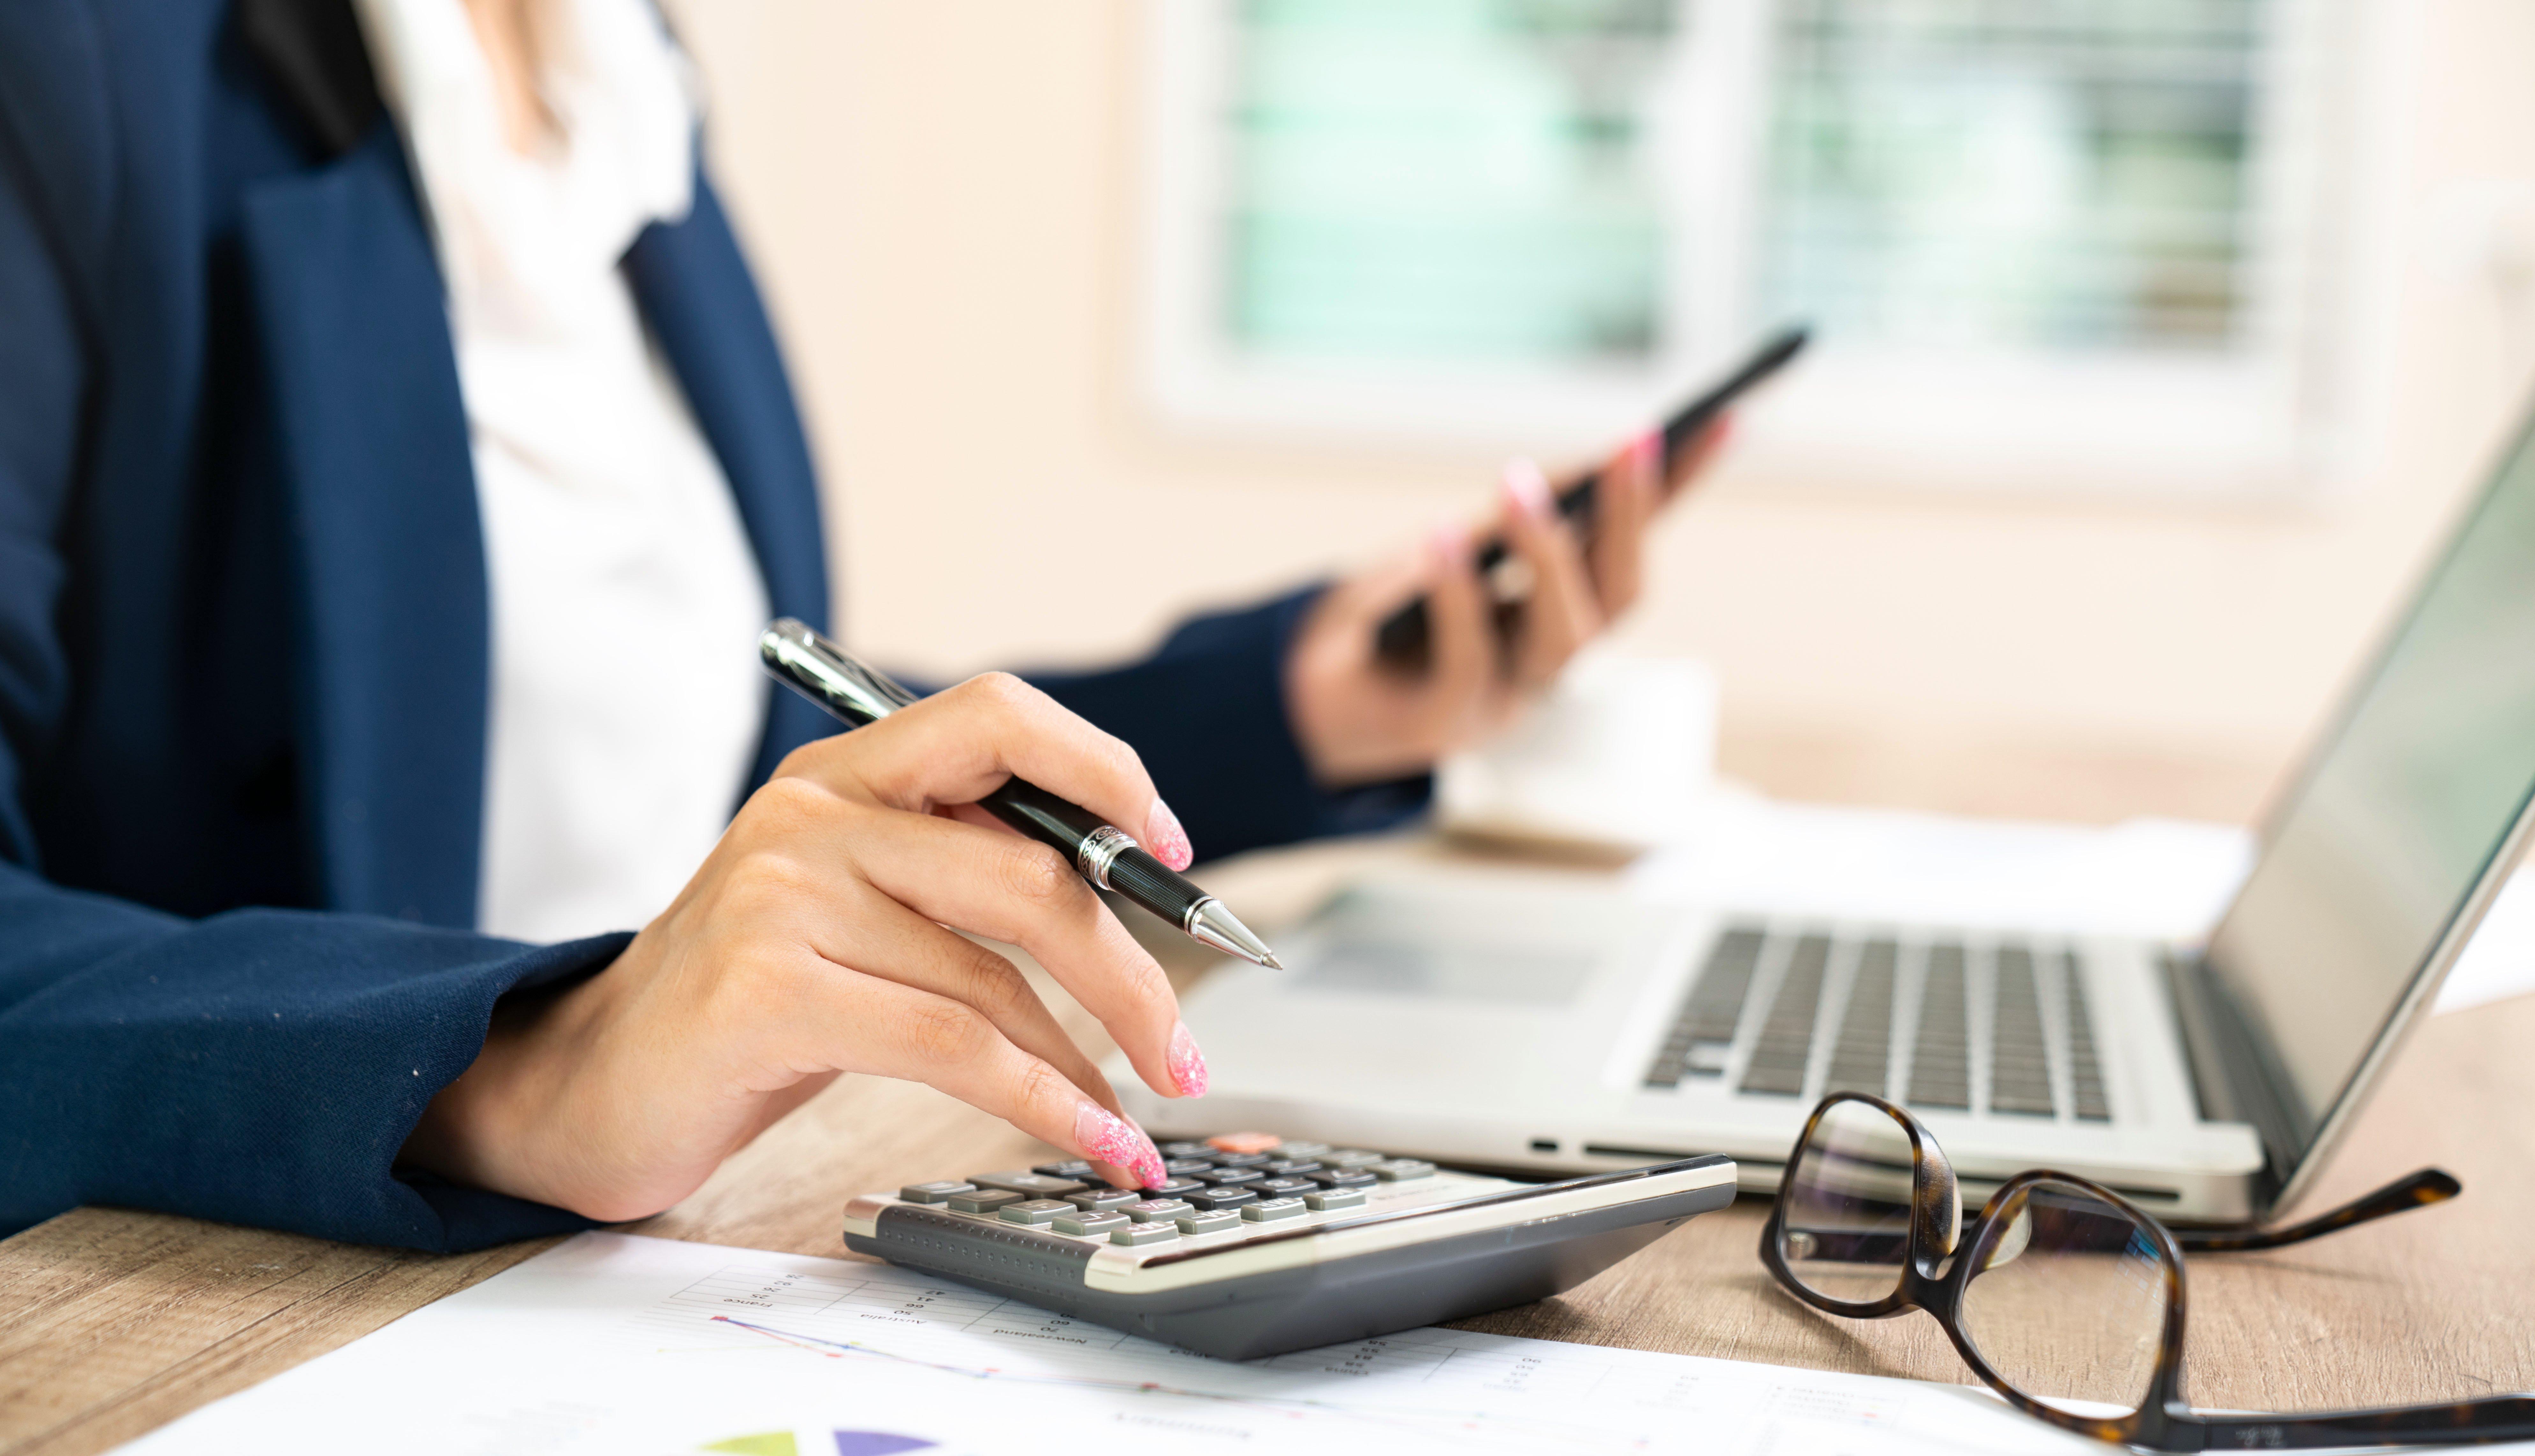 Mujer trabajando con una calculadora, un celular en la mano y frente a una computadora.